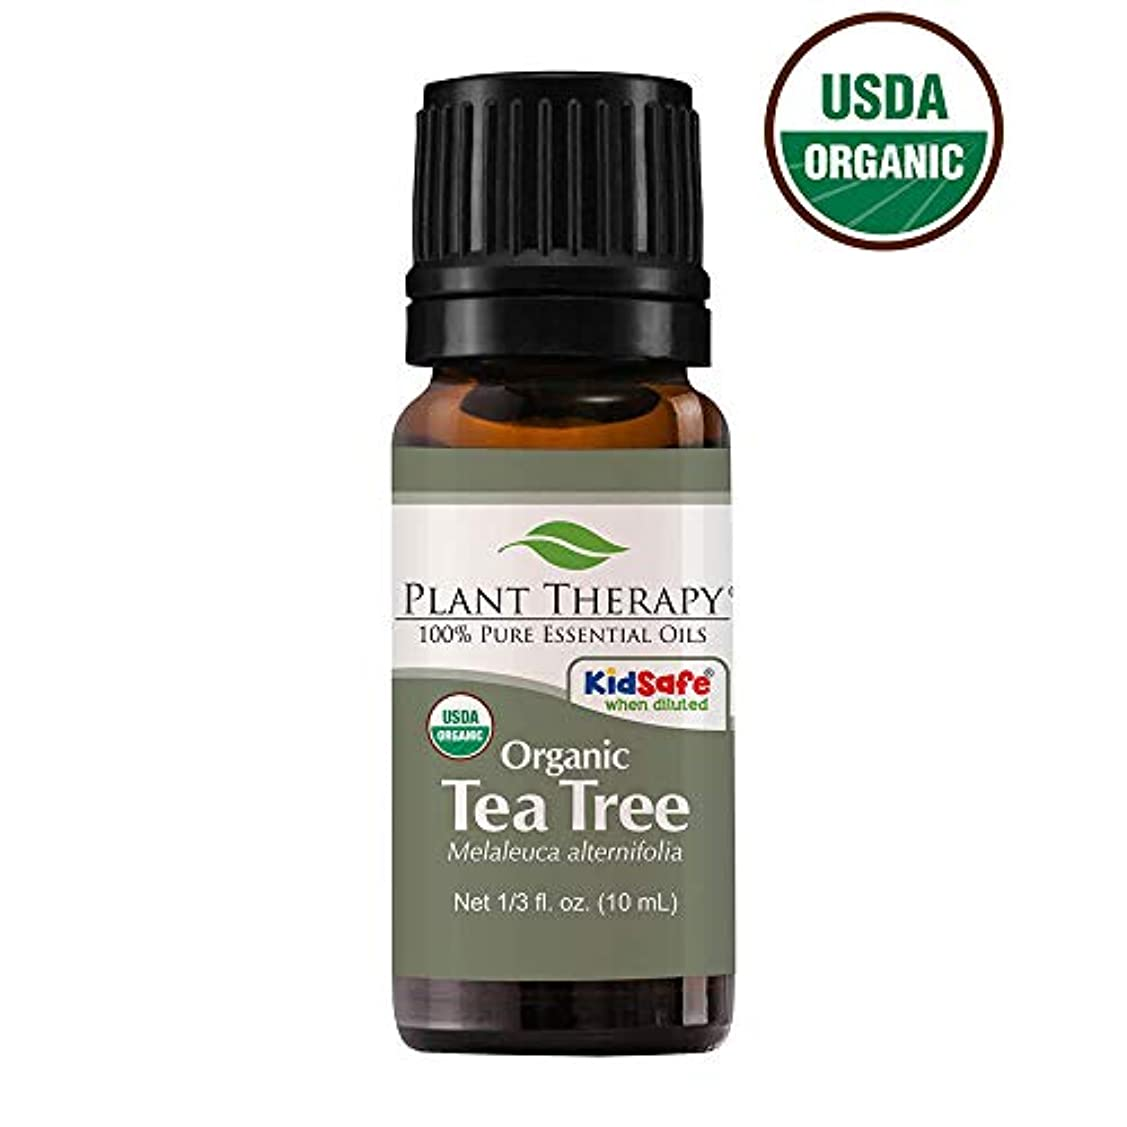 ロックニュージーランド質素なPlant Therapy Essential Oils (プラントセラピー エッセンシャルオイル) オーガニック ティーツリー (メラルーカ) エッセンシャルオイル